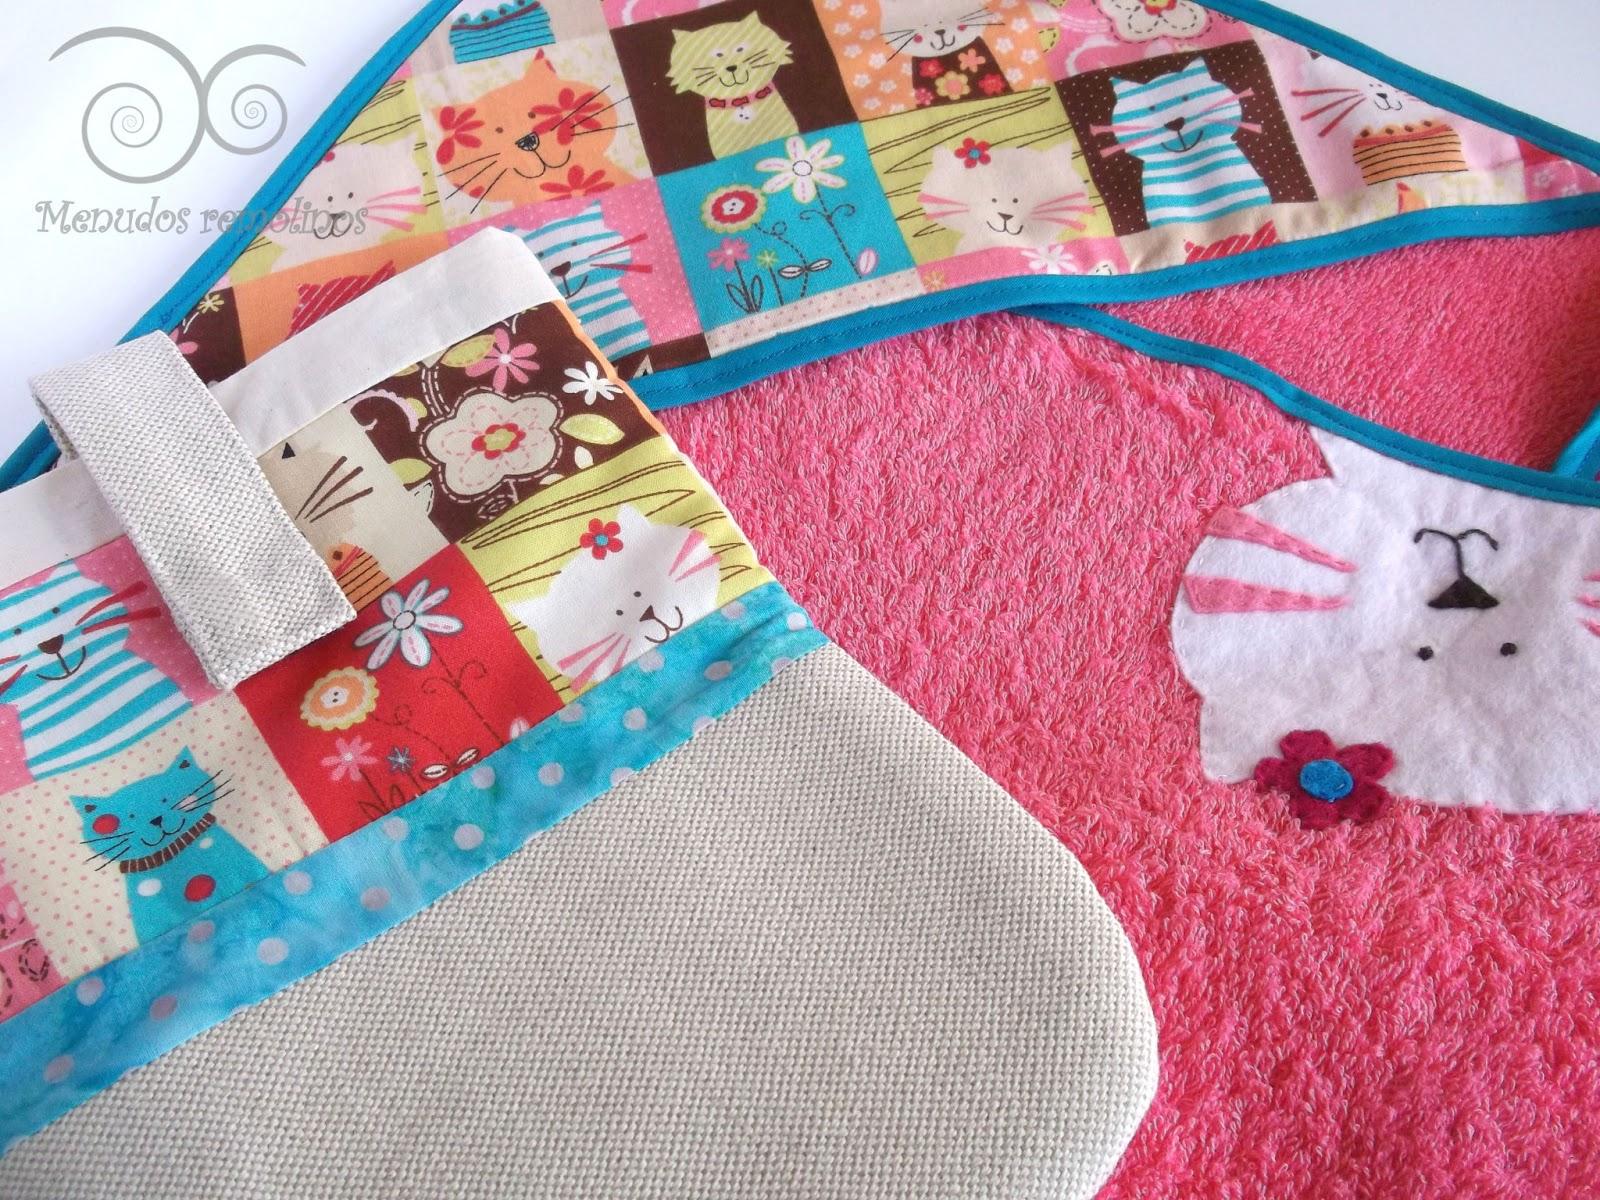 Menudos remolinos conjunto para una beb especial capa - Capas de bano bebe personalizadas ...